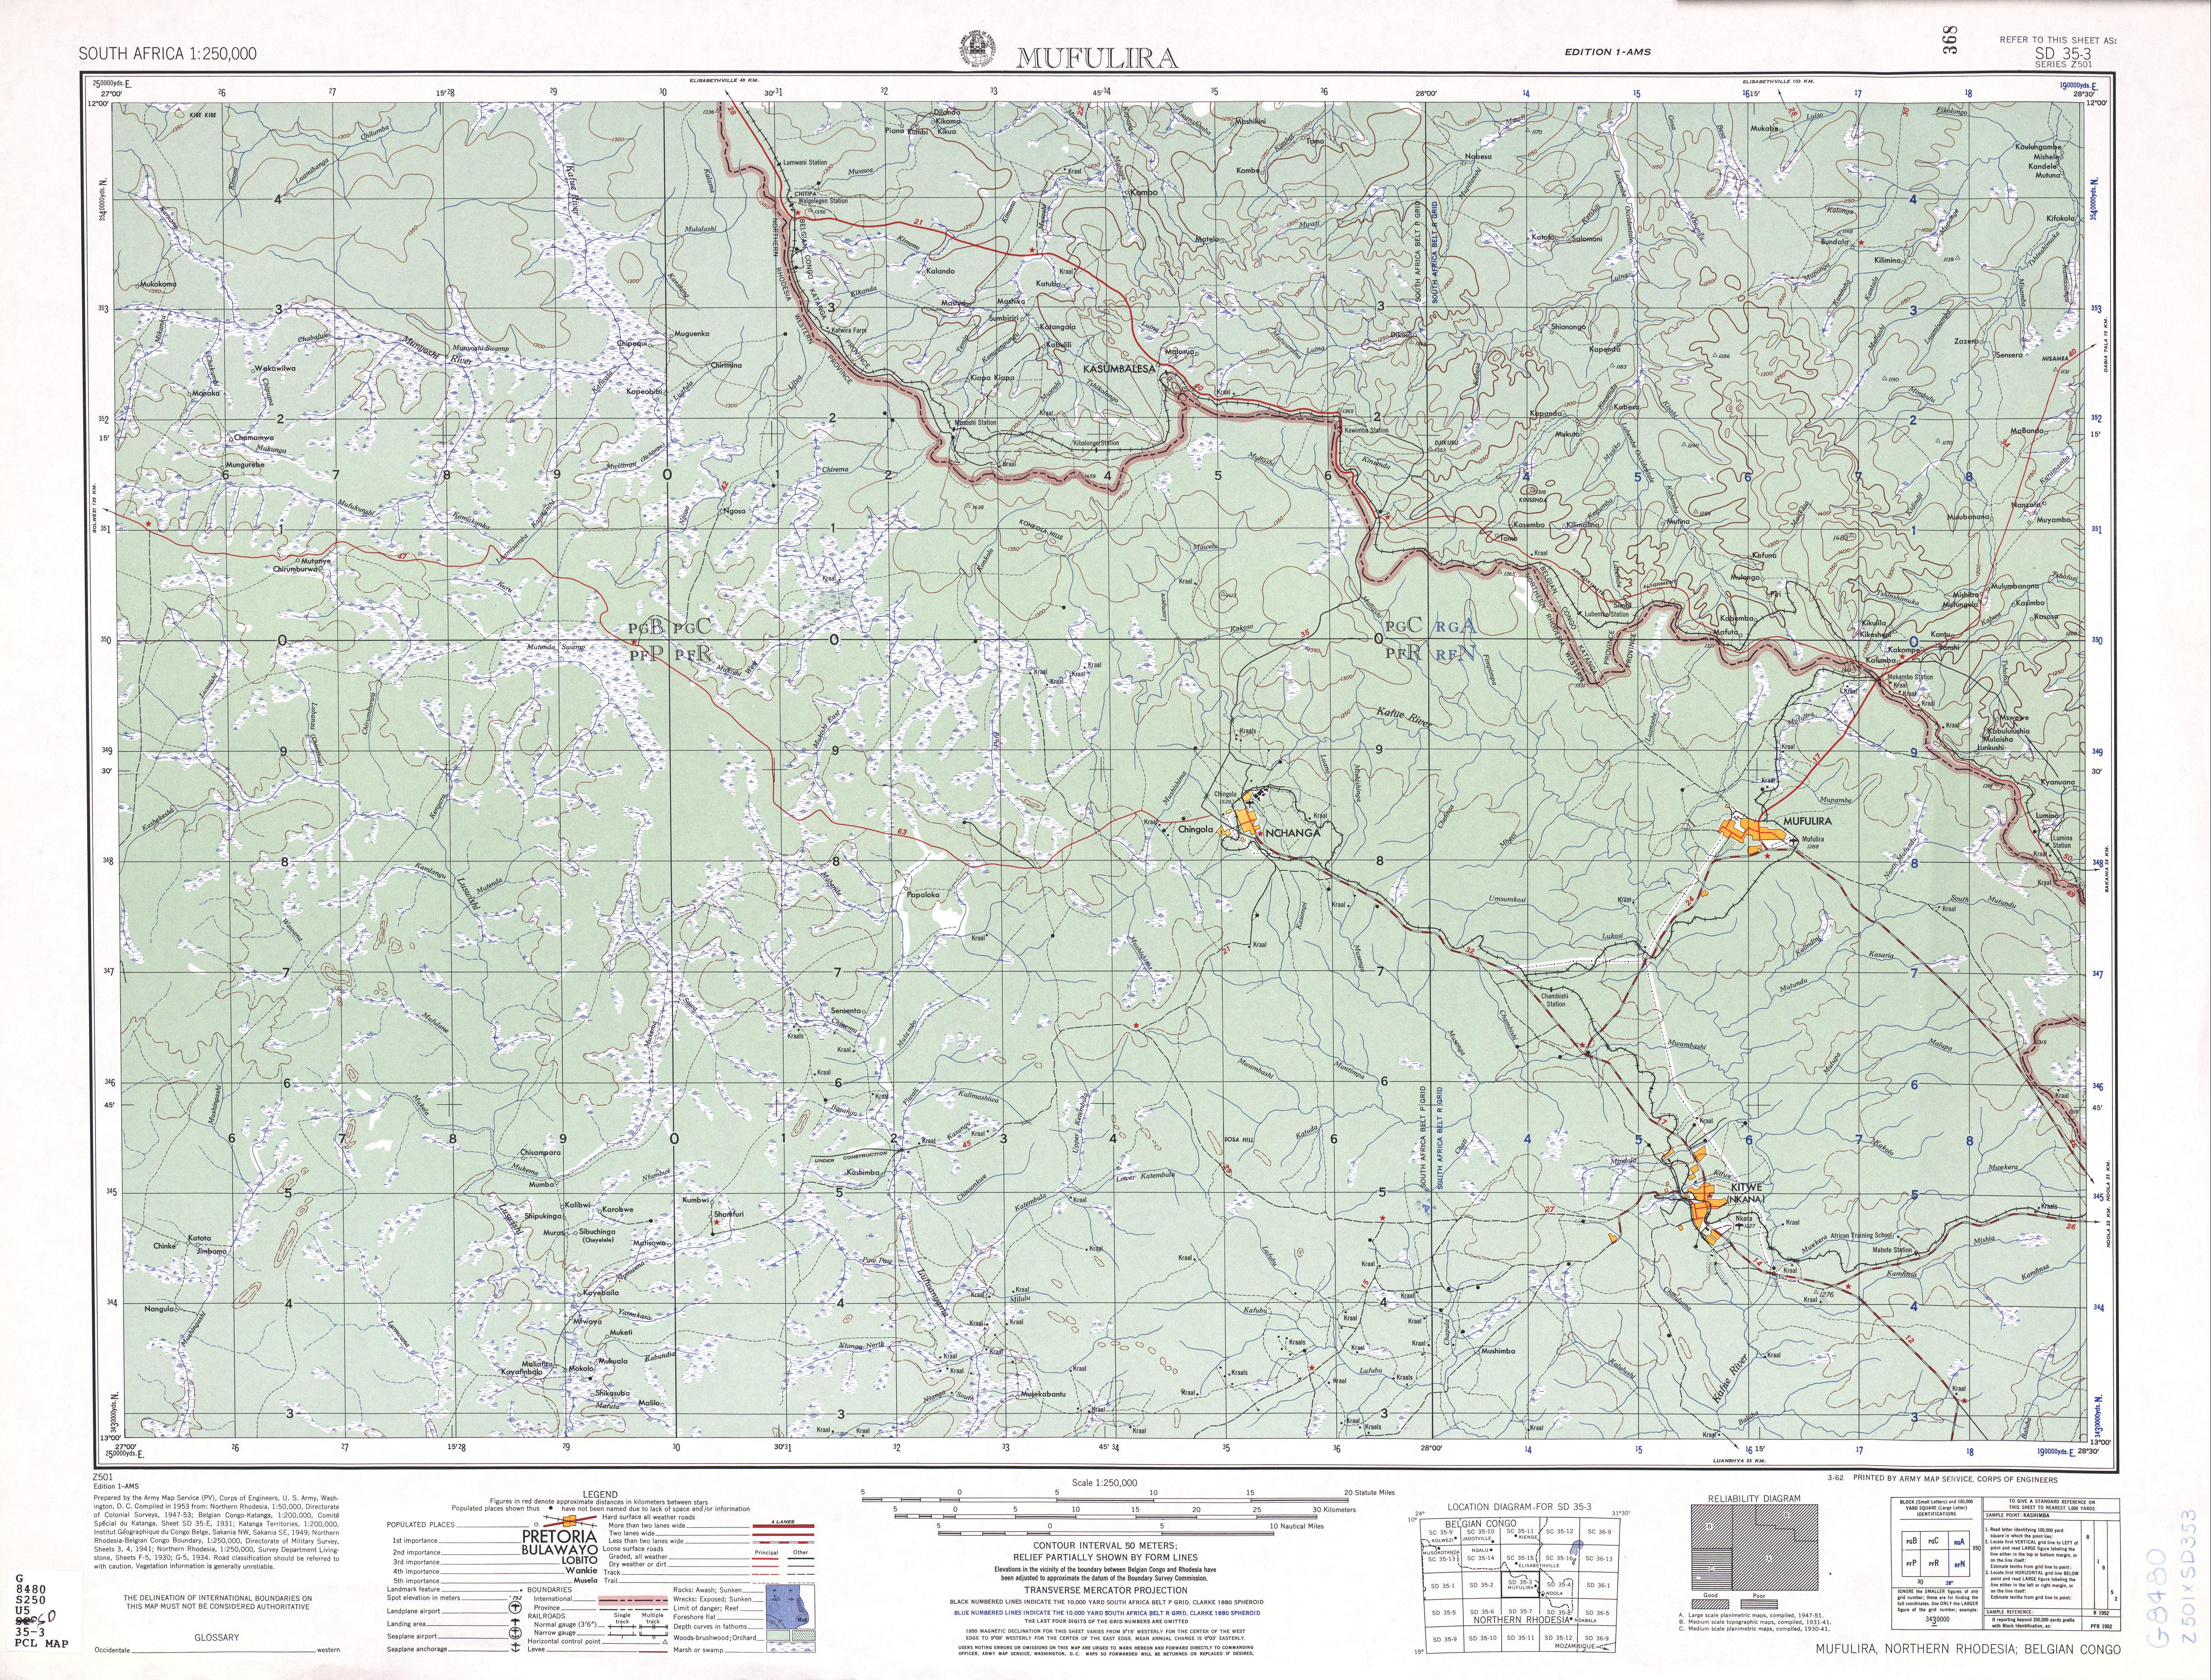 Mufulira Topographic Map Sheet, Southern Africa 1954